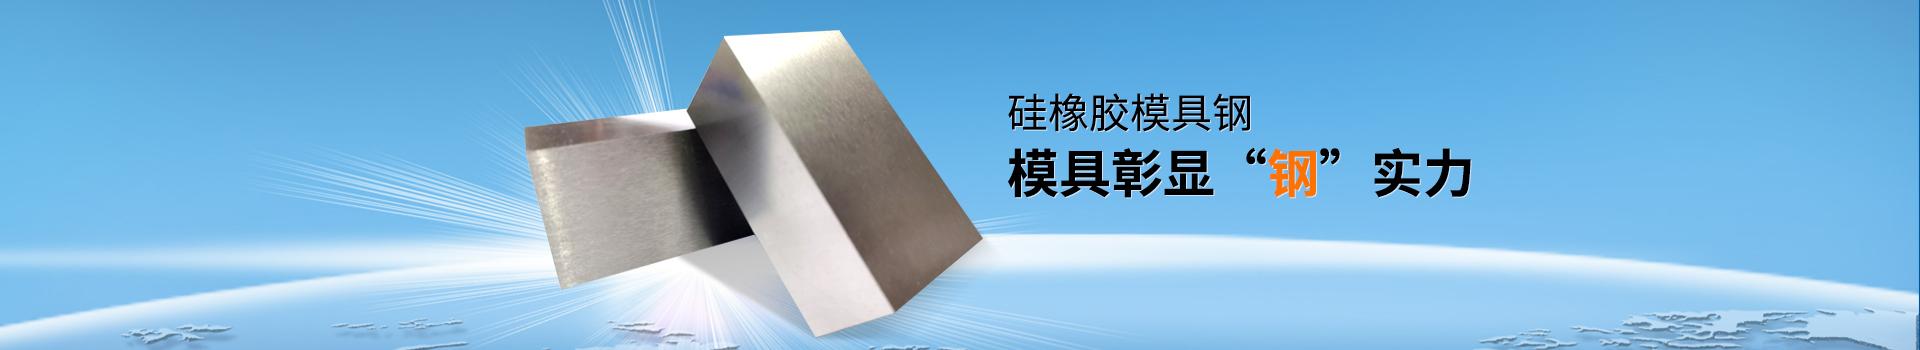 硅橡胶模具钢,模具彰显钢实力